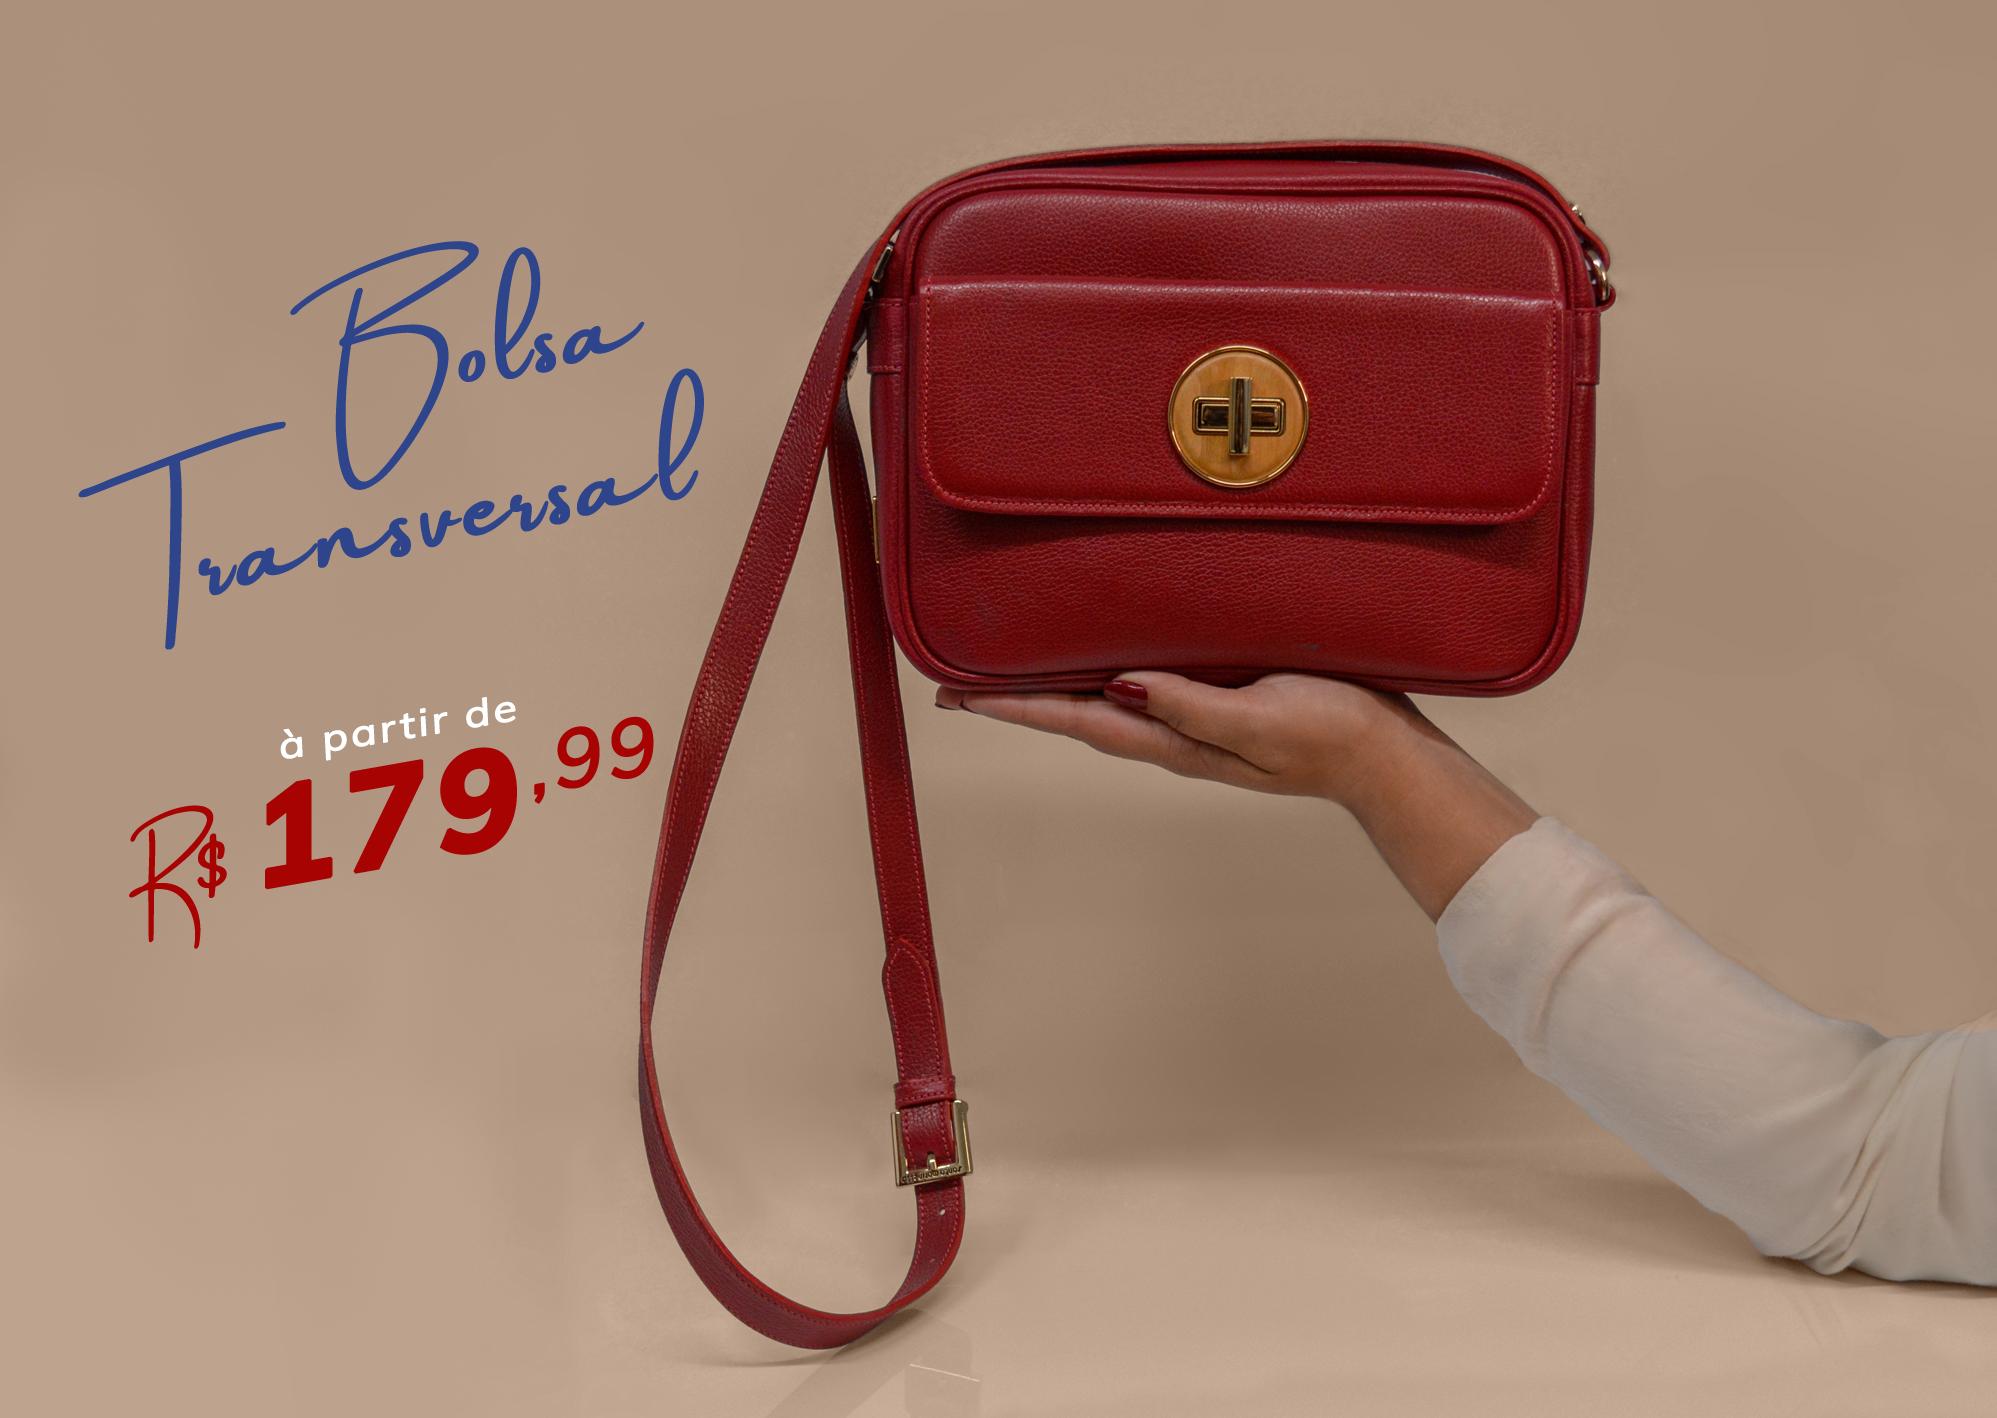 Bolsas Transversais à partir de R$179,99